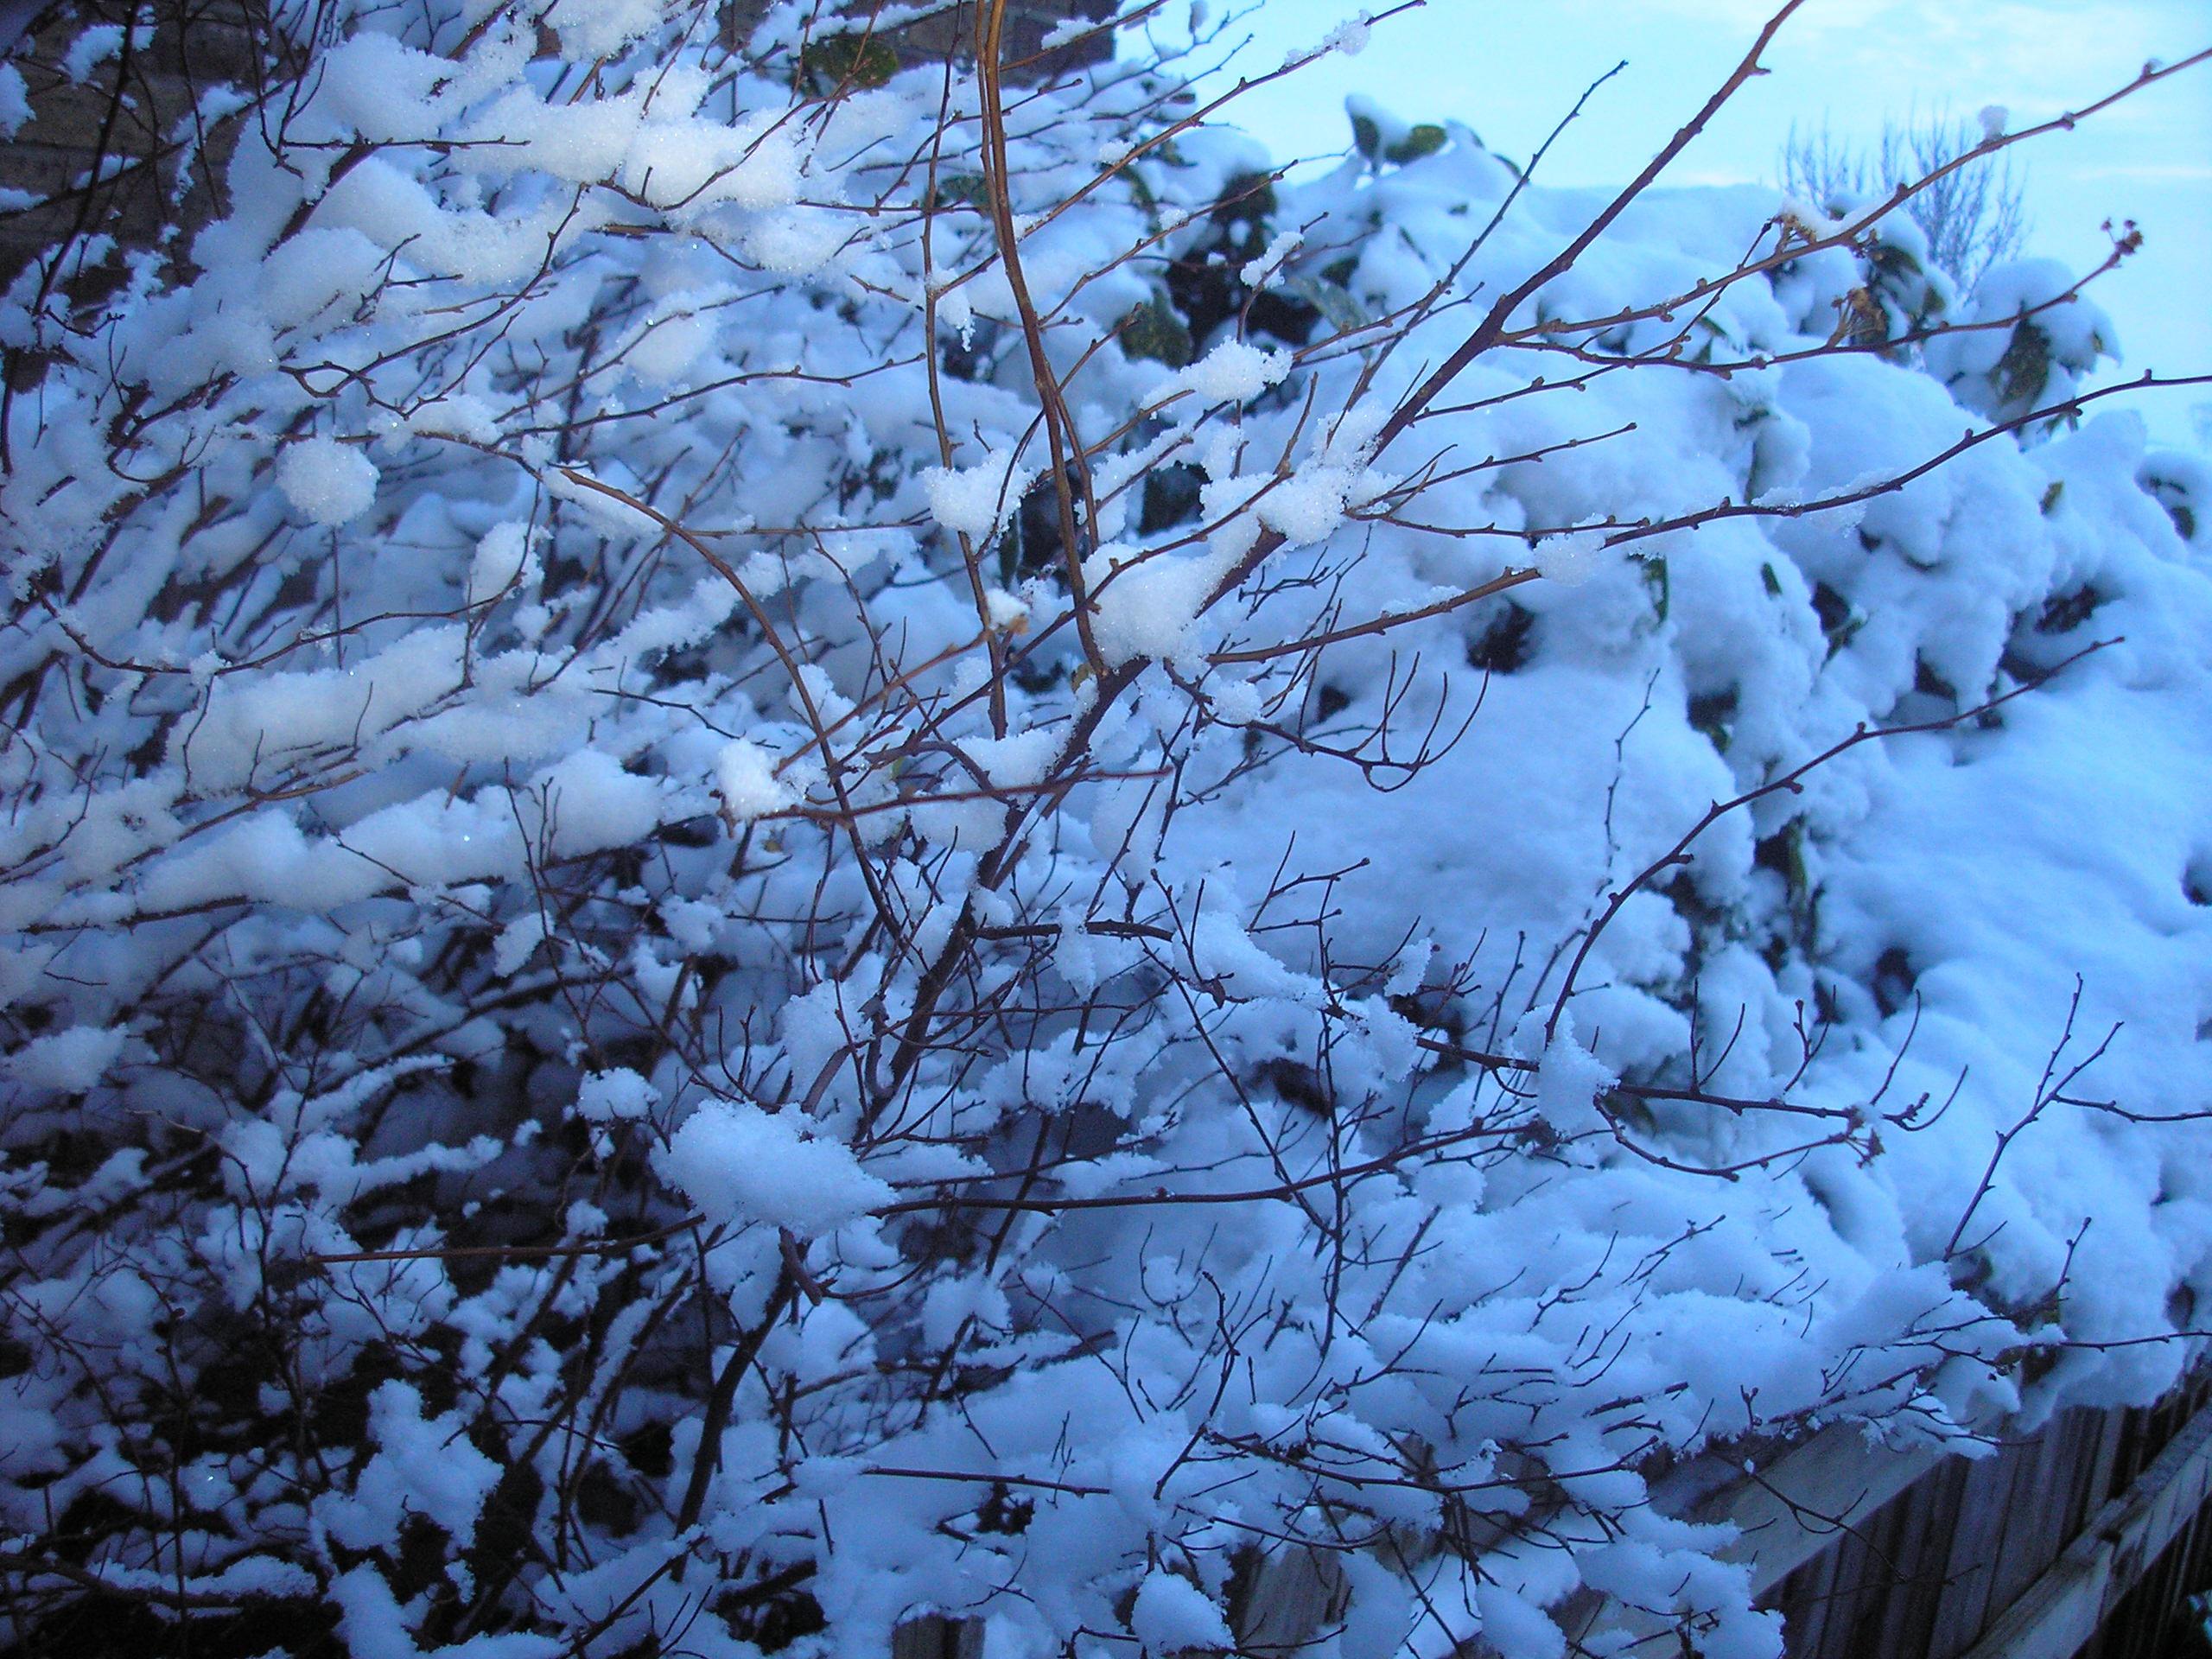 Frosty bush by StivStock